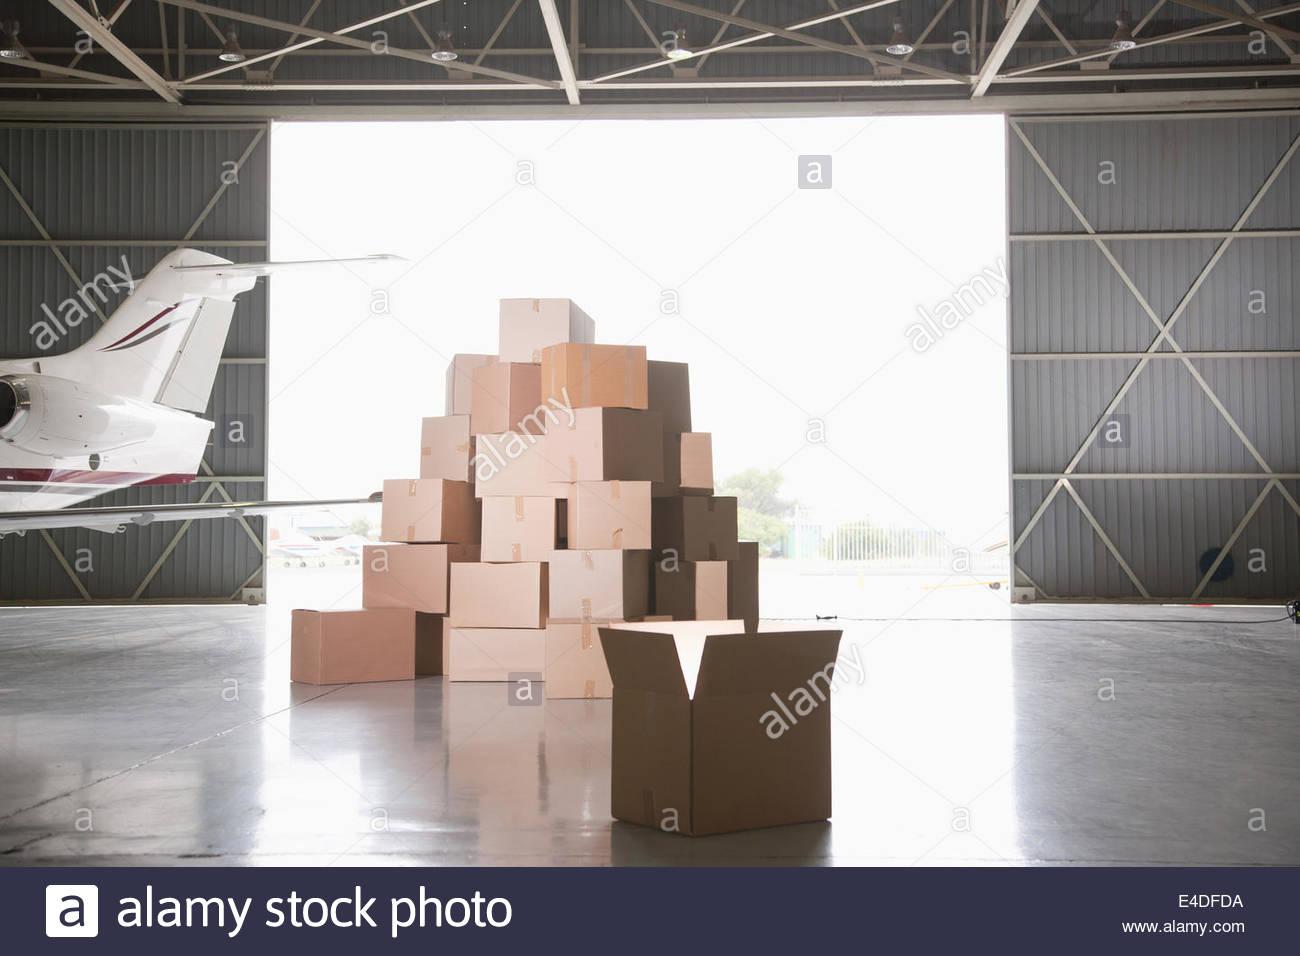 Apilamiento de cajas en hangar Imagen De Stock